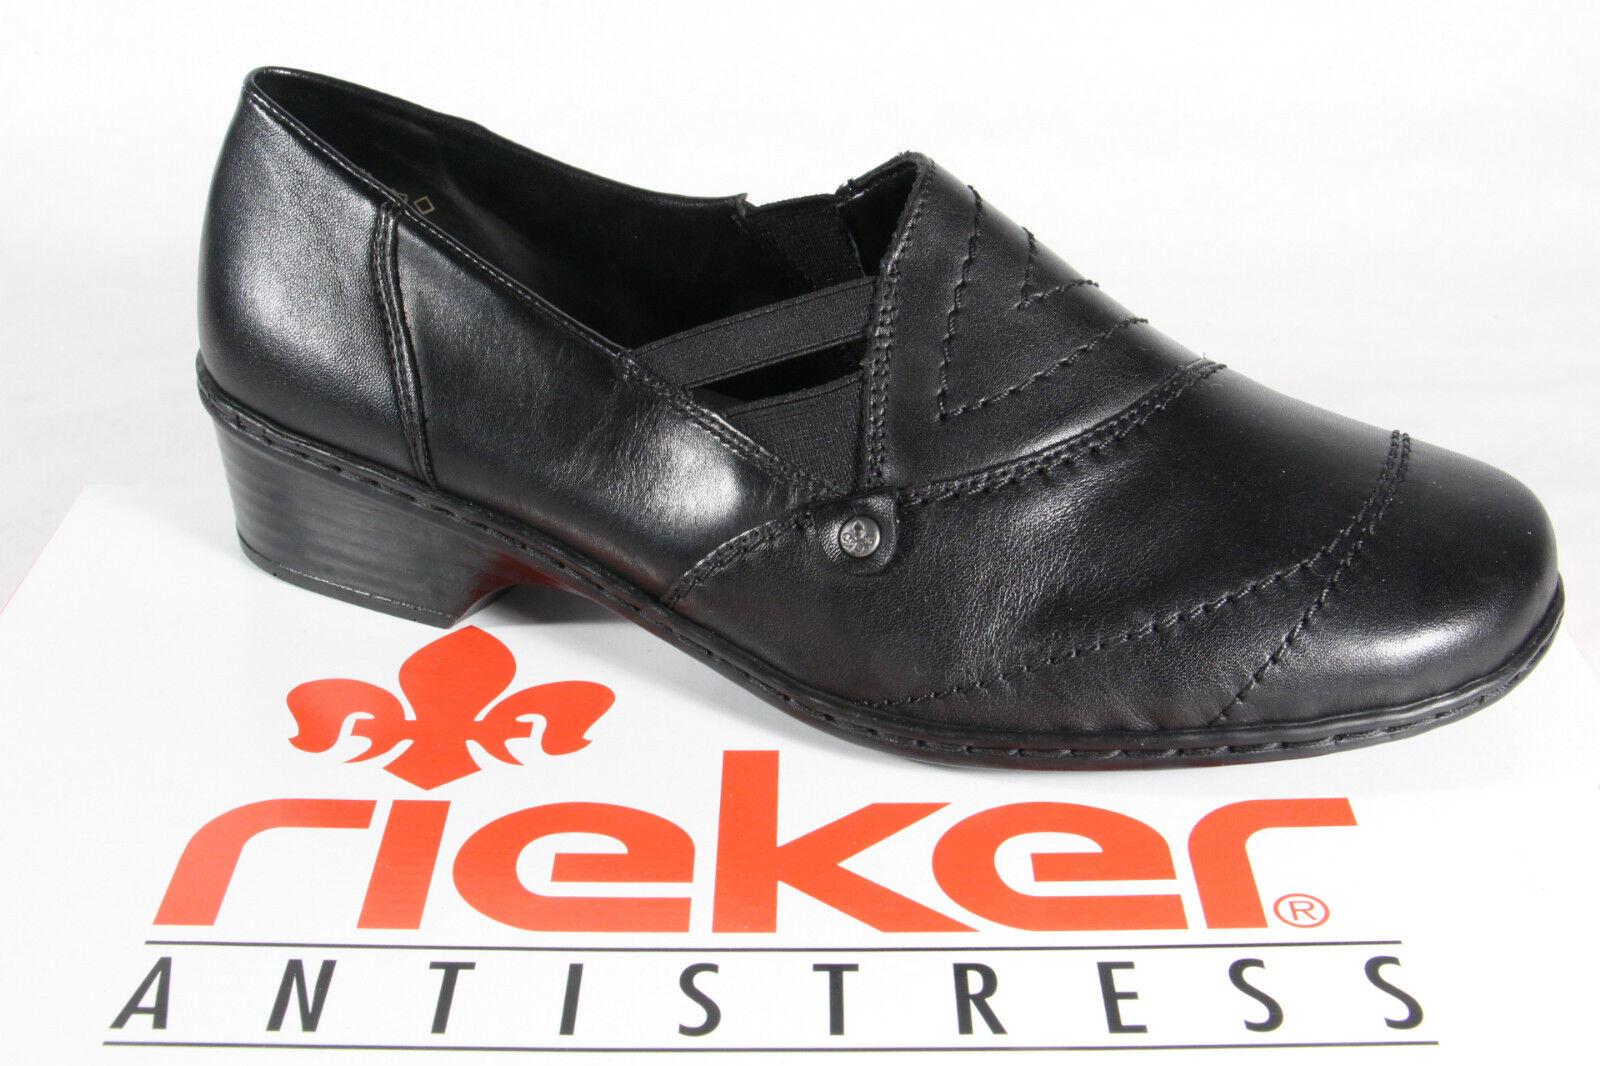 Rieker Mocassins, Chaussures Basses, Ballerine, Noir Cuir 48260 48260 48260 Neuf 66577d